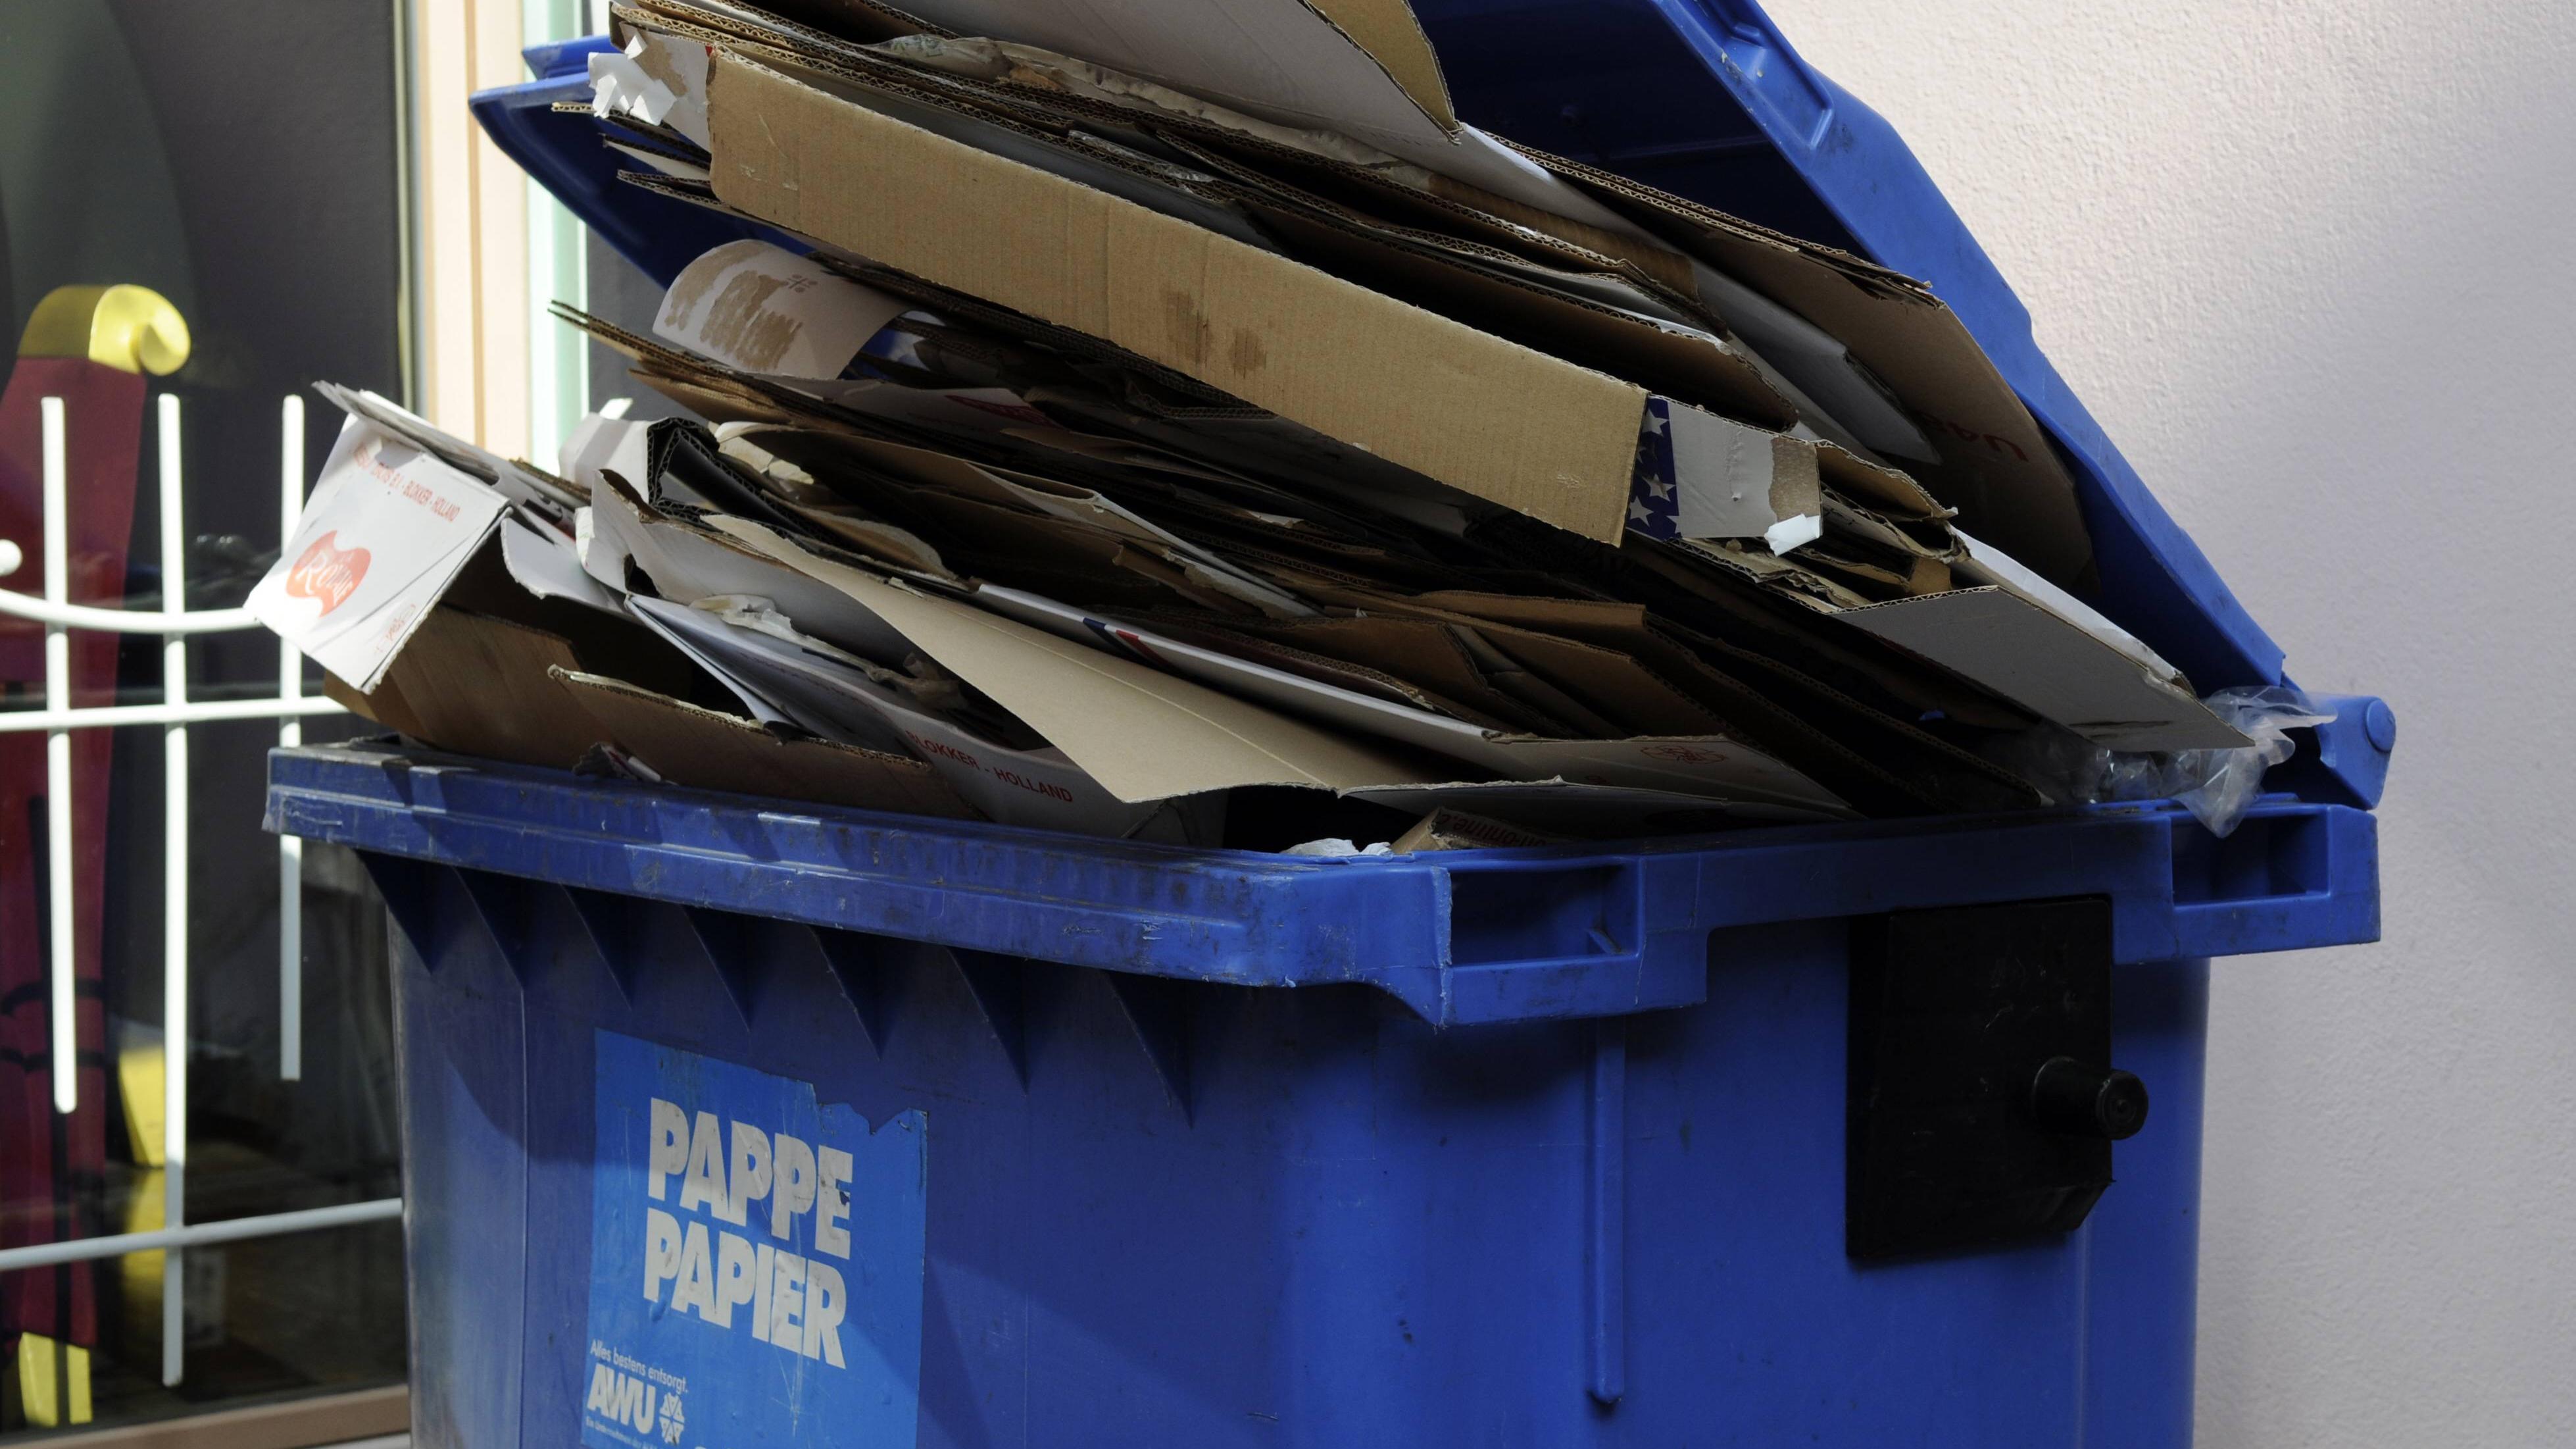 Kartons sollten Sie vor der Entsorgung möglichst in kleine Stücke zerreißen.